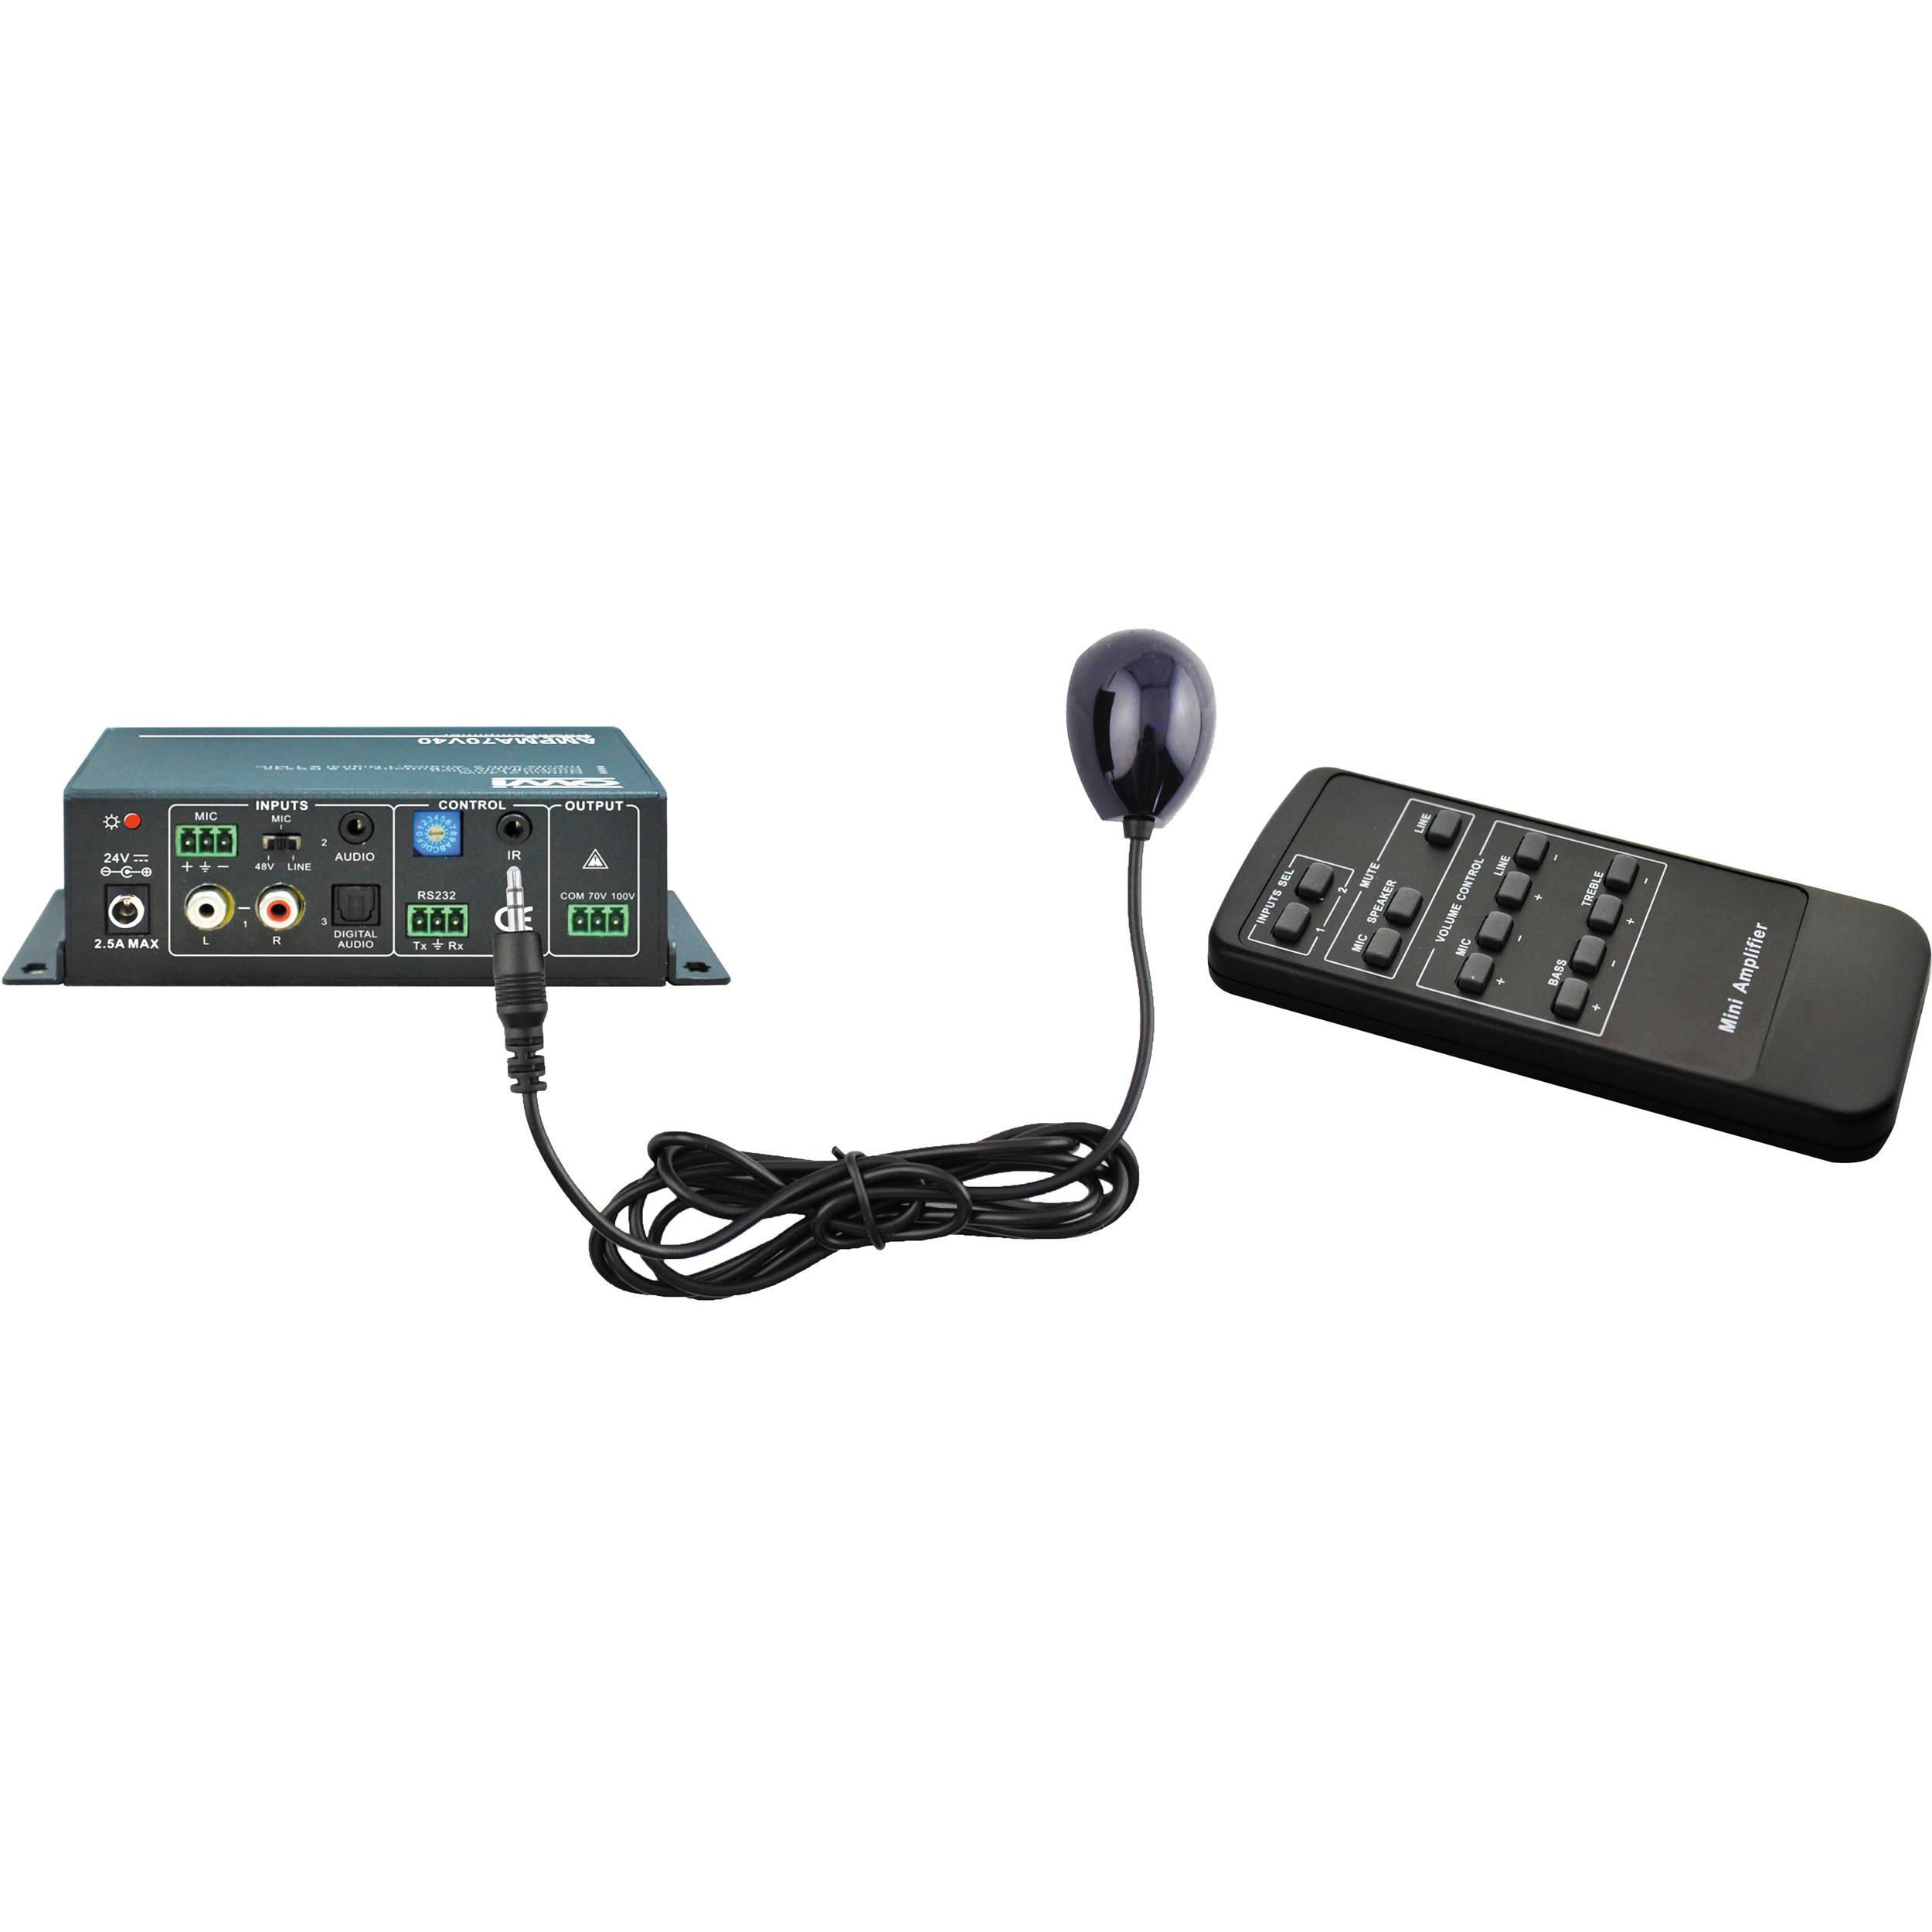 OWI Inc  AMPMA70V40 70V, 40W Digital Mini Amplifier/Mic Mixer/EQ with  Remote Control